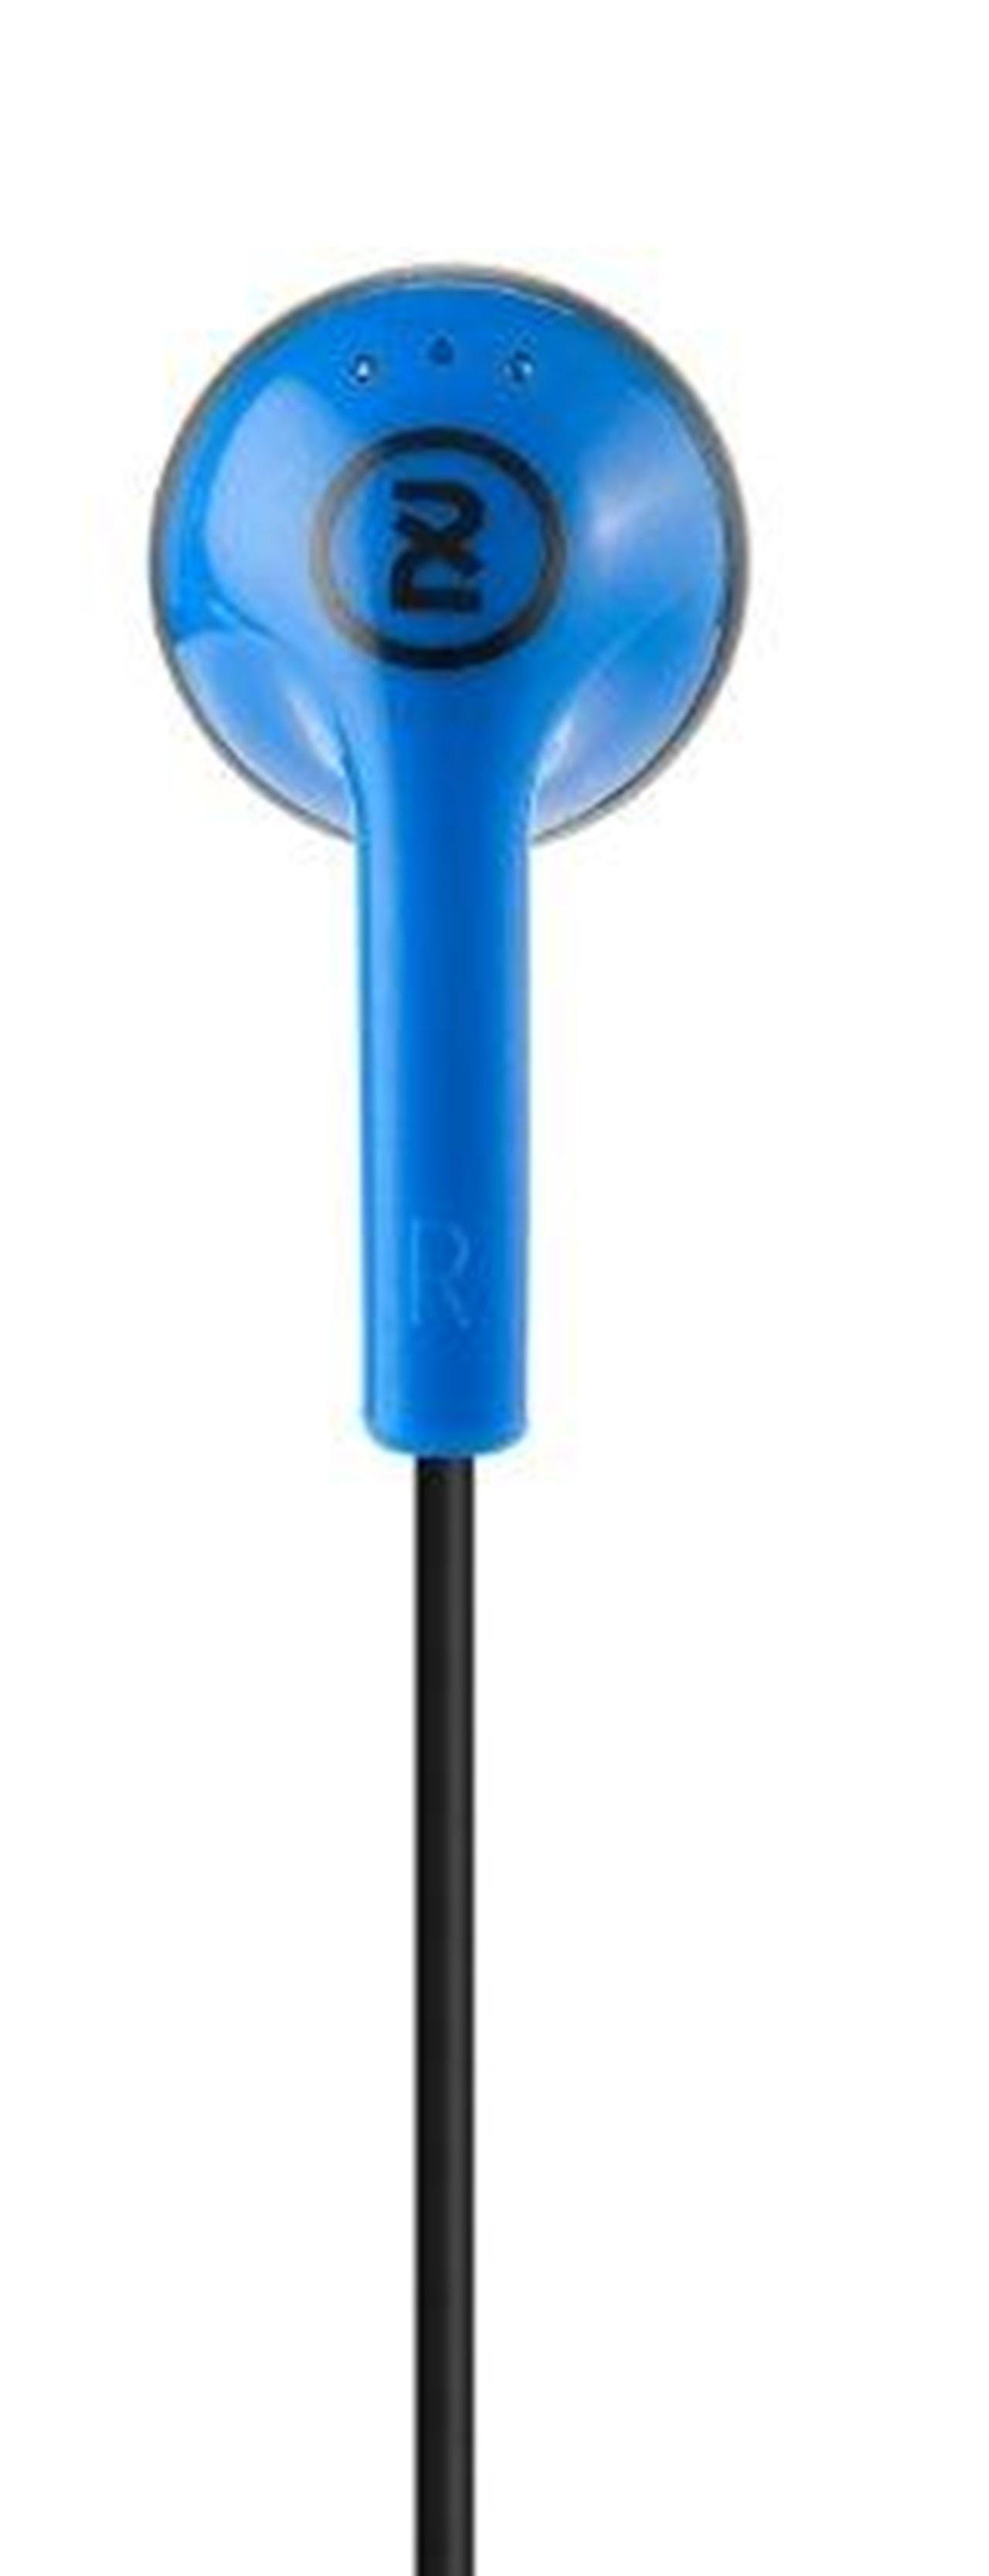 2XL Offset Blue Earphones - 2